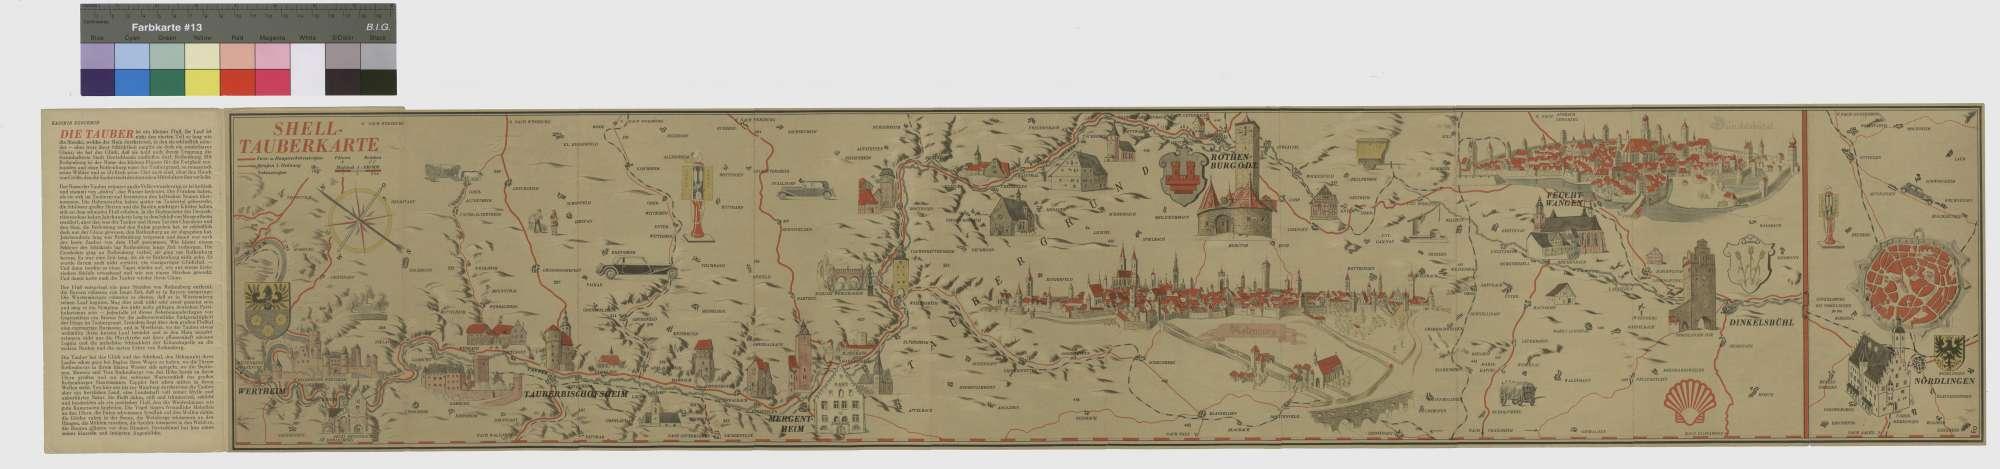 """Shell-Tauberkarte """"Der Taubergrund Wertheim - Rothenburg - Dinkelsbühl - Nördlingen"""", 1"""